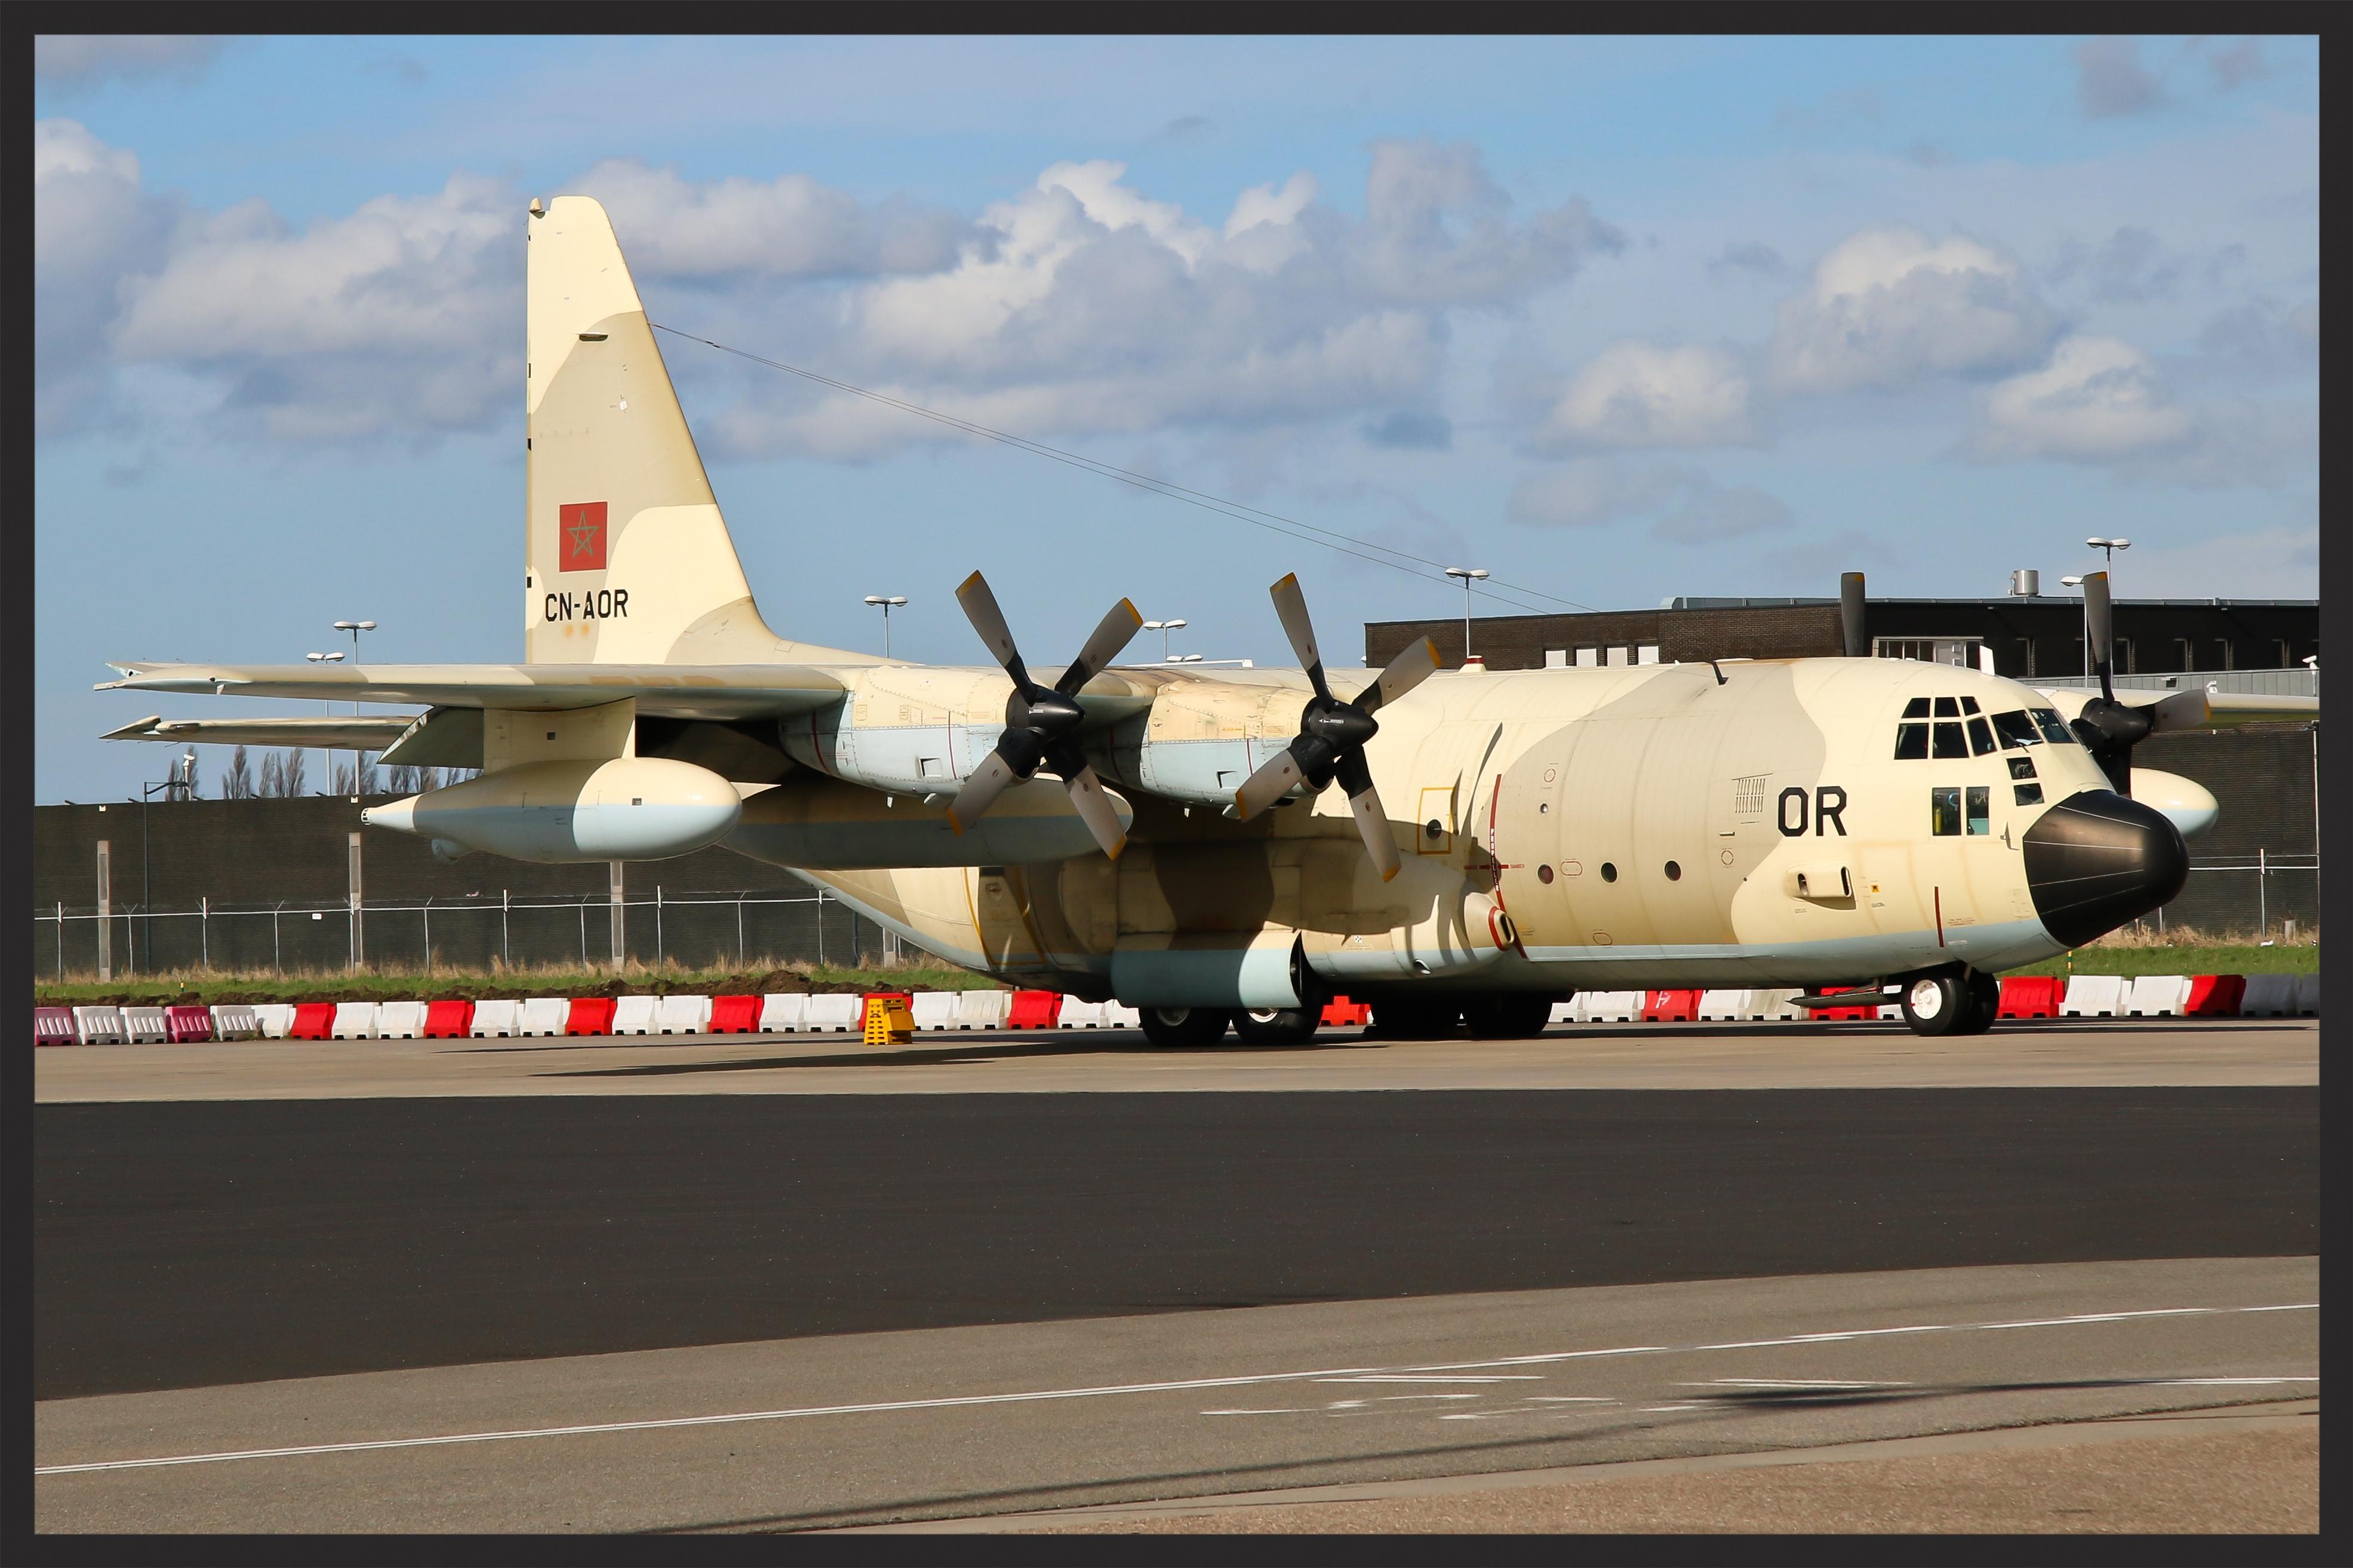 FRA: Photos d'avions de transport - Page 27 26130576616_7e80a3cc0a_o